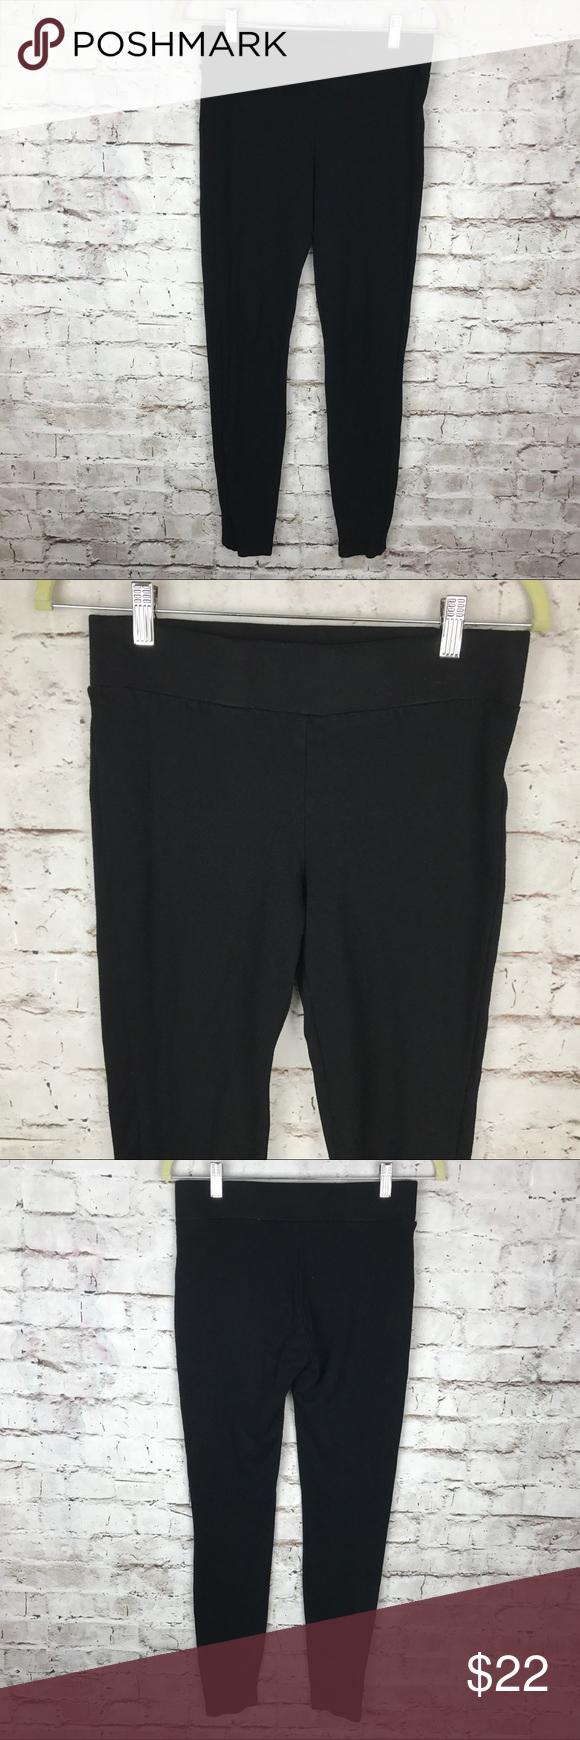 7624a9f1b9c1c5 CABI Black Nouveau Leggings Ponte Slim Leg Pants Brand: CAbi Style/Model:  Nouveau